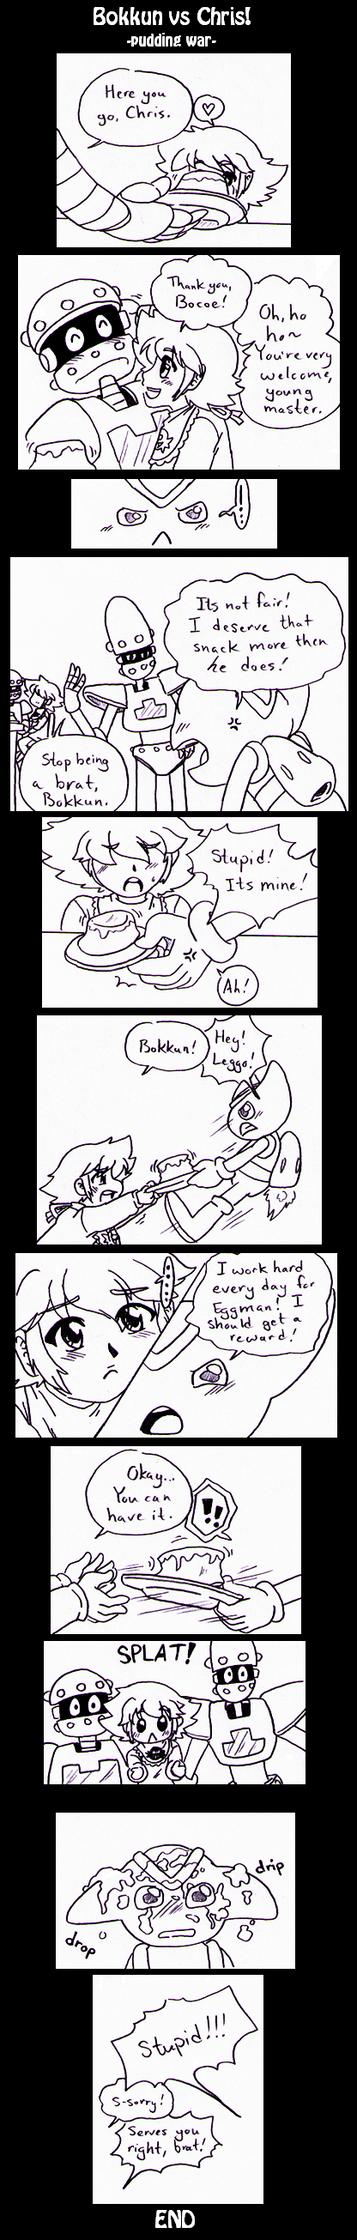 Sonic X - Chris vs. Bokkun pudding war by Cloud-Kitsune